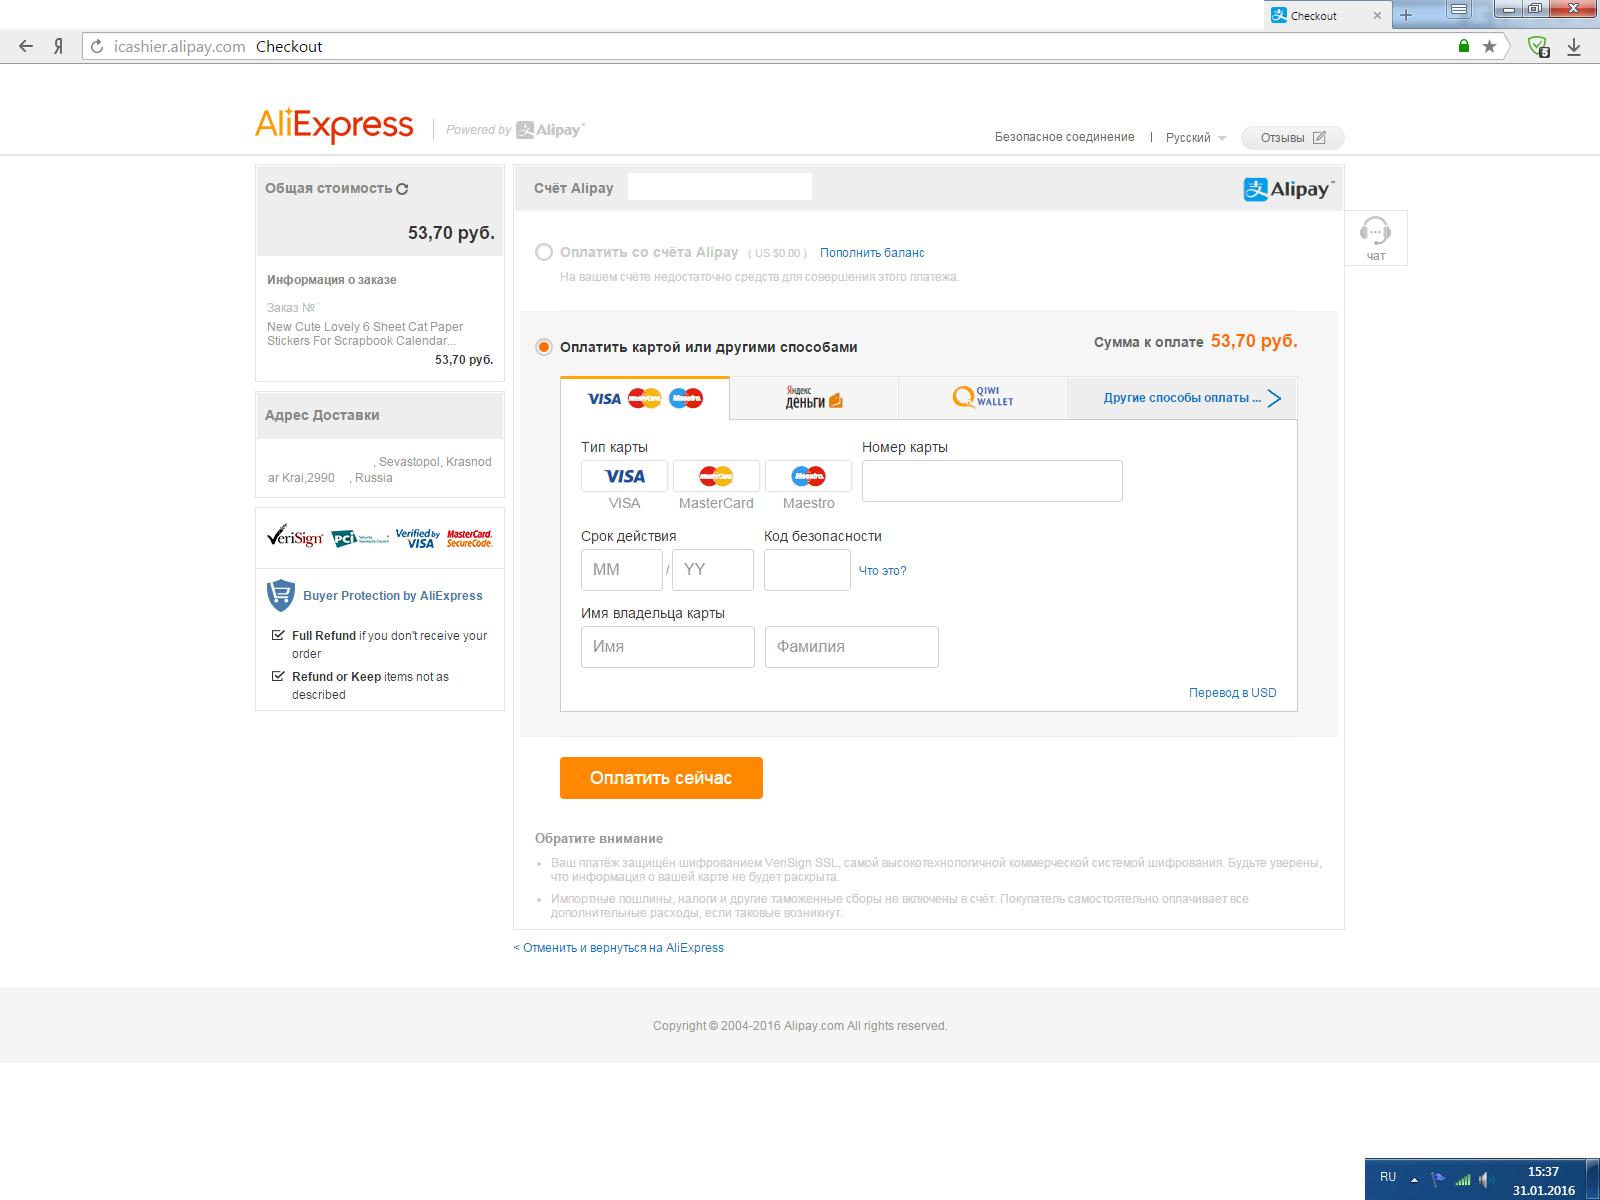 Как правильно сделать заказ на aliexpress через телефон